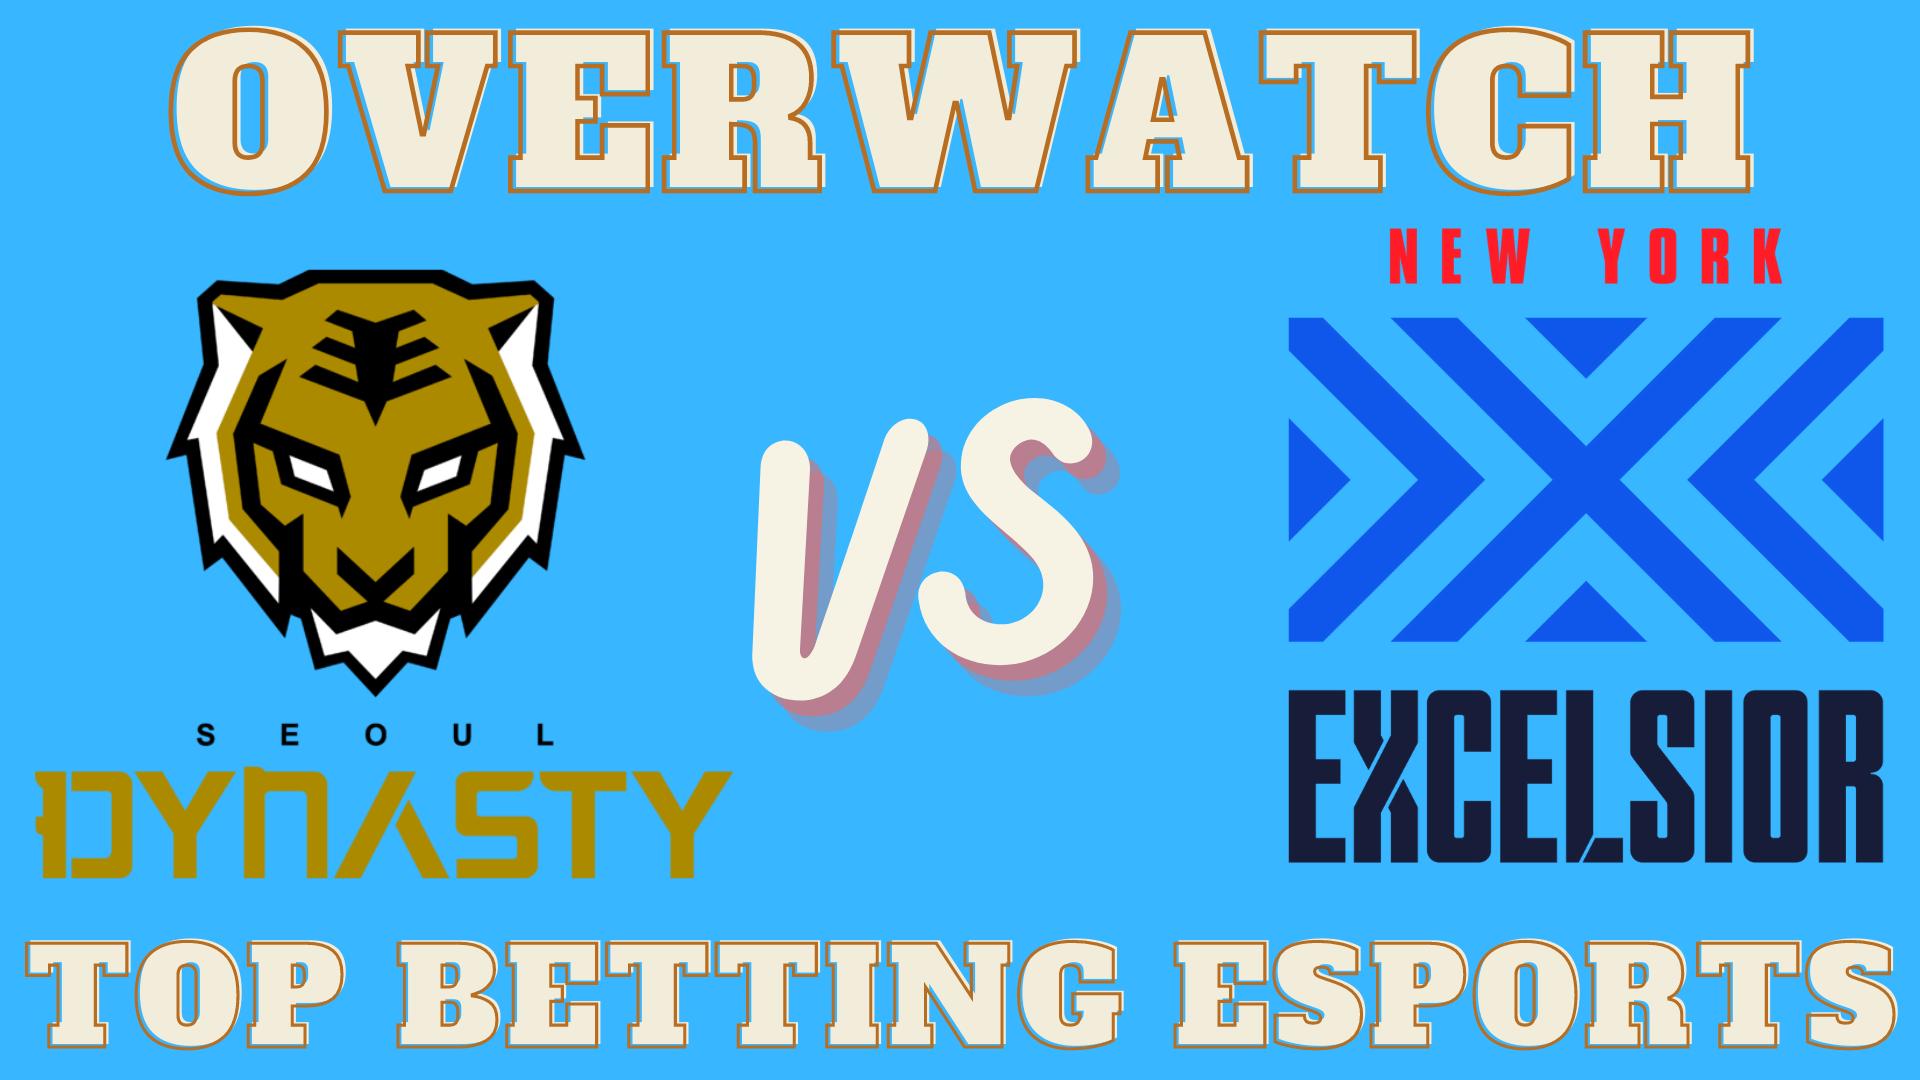 Seoul Dynasty vs New York Excelsior